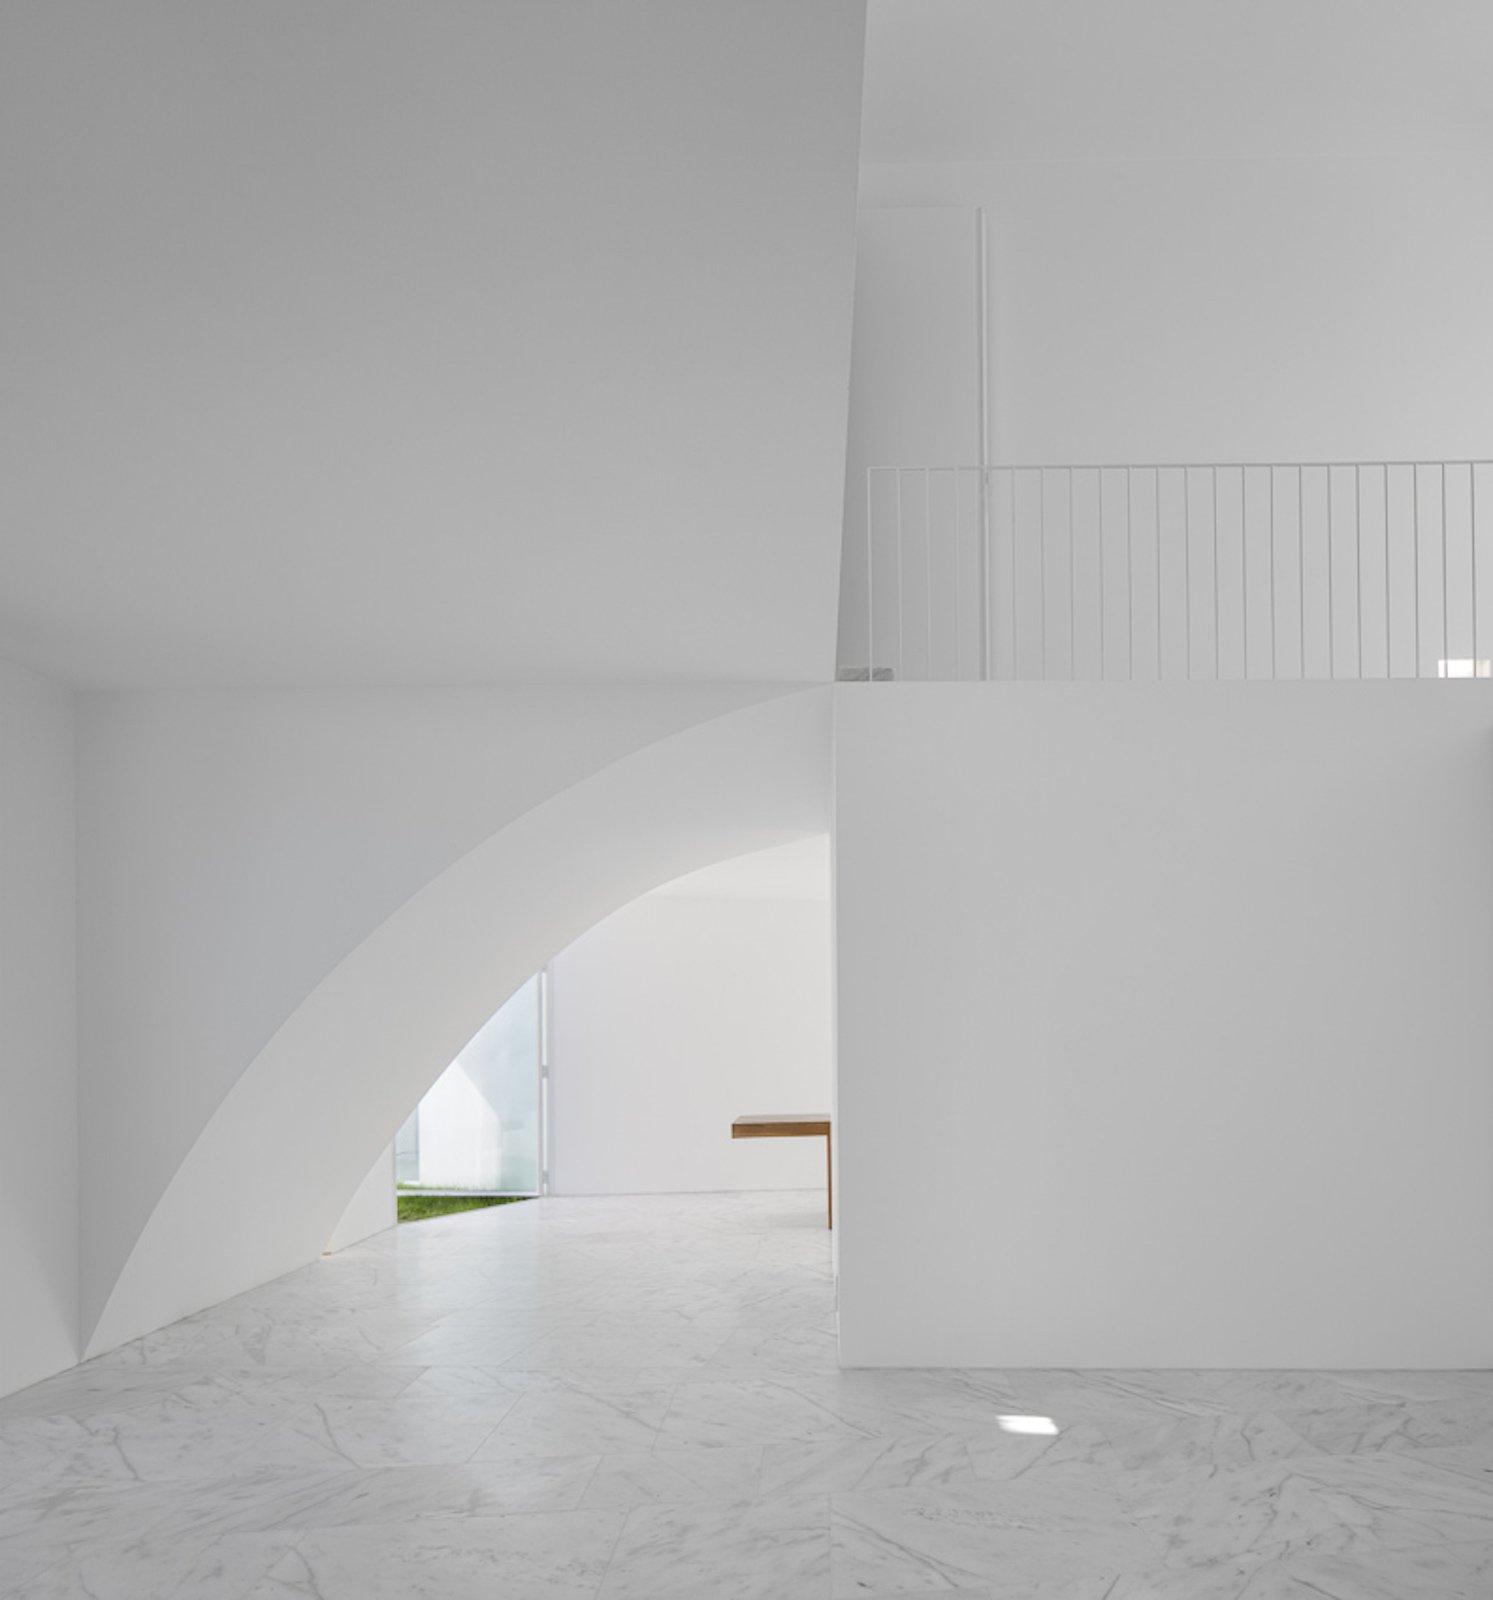 architecture_airesmateus_alcobaca_11